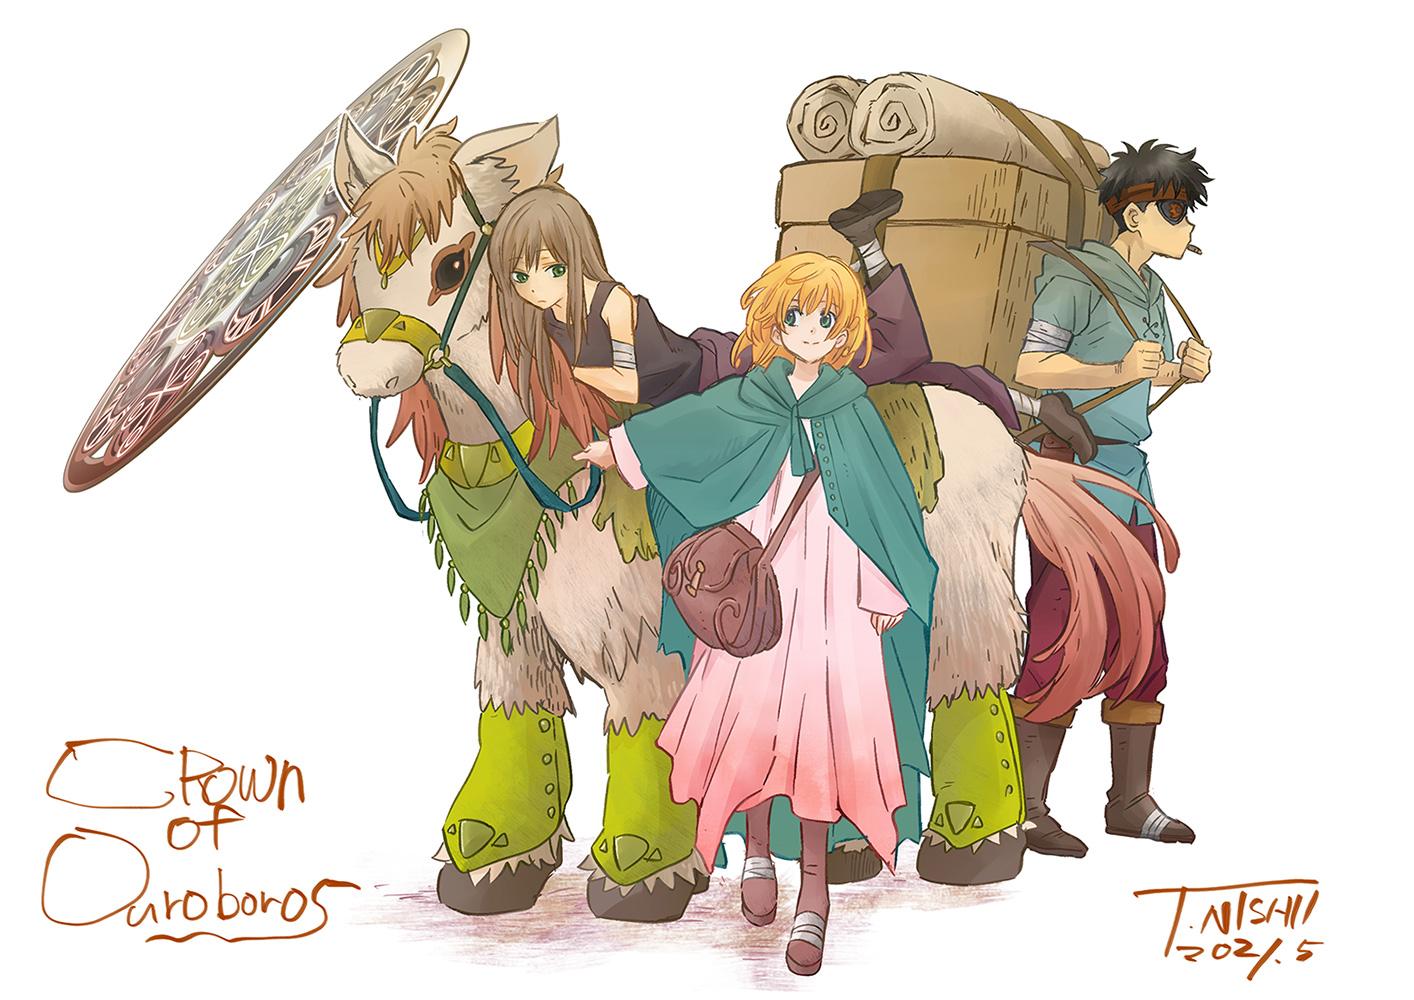 アニメーターと並行して、オリジナル漫画『ウロボロスの冠〜敵国の少女ふたりが出会うとき〜』の制作も続けている西位さん。Kindleにて発売中